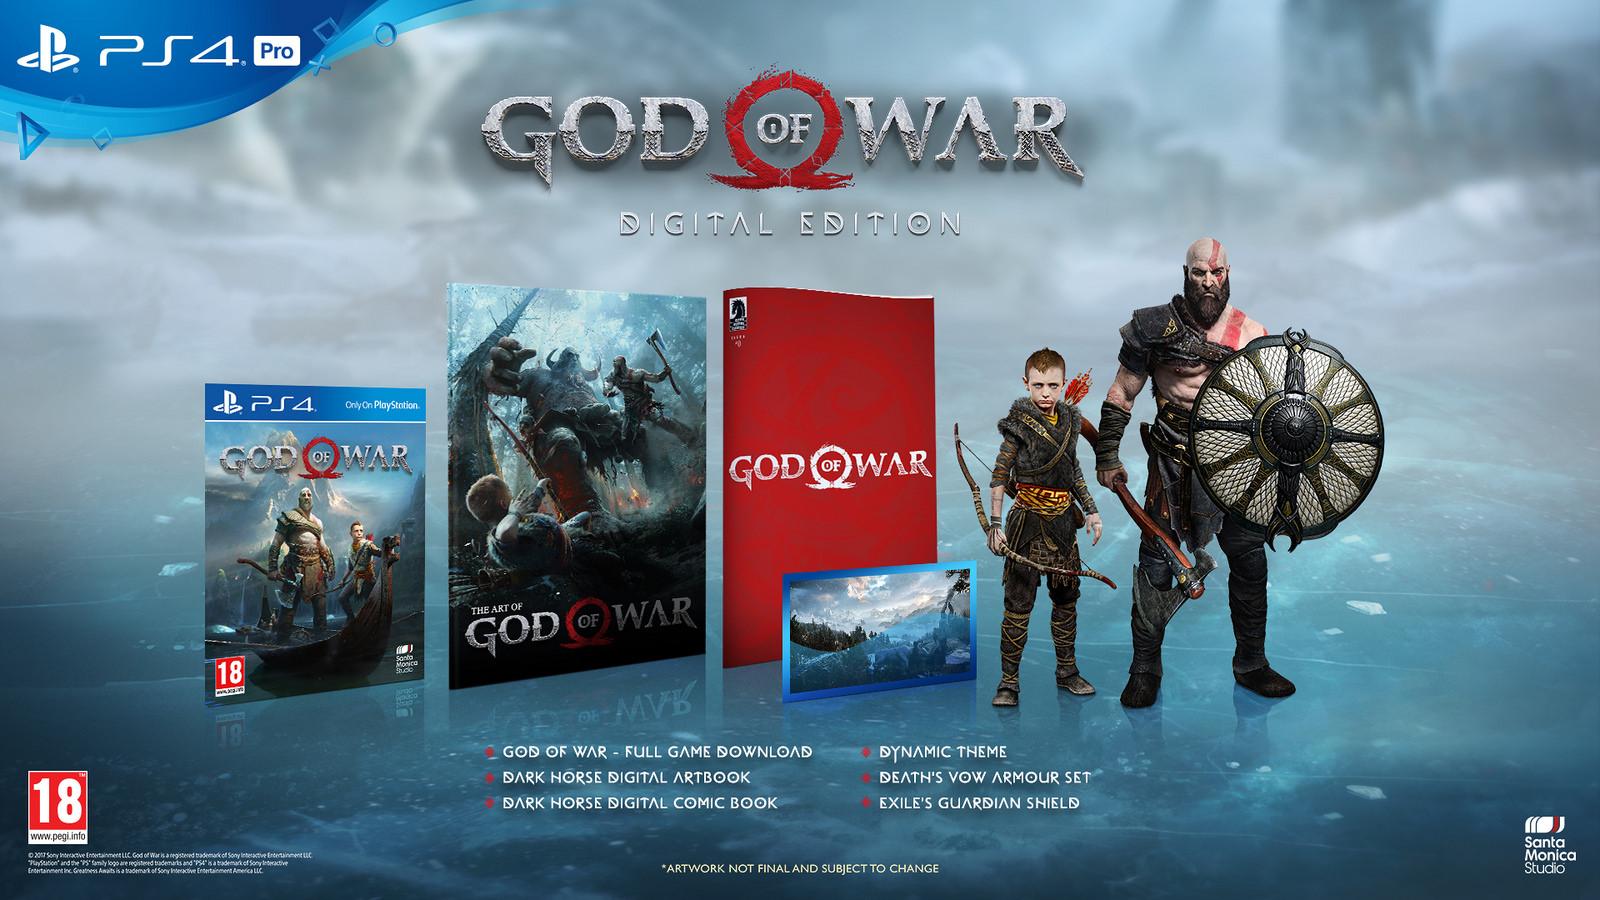 God of War: Digital Edition